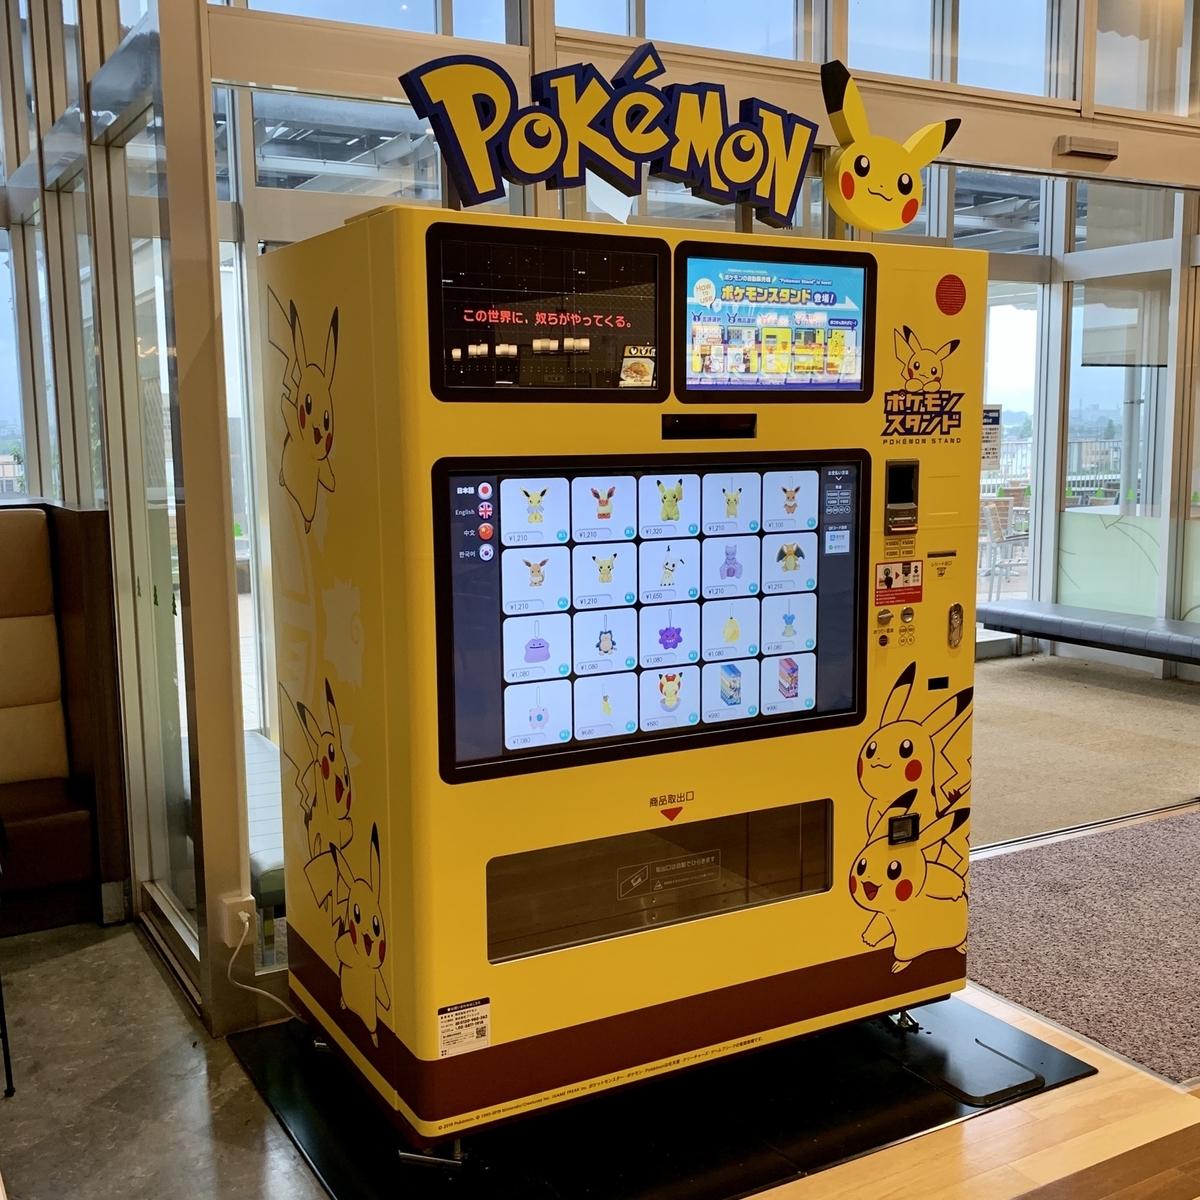 f:id:pikachu_pcn:20200613184421j:plain